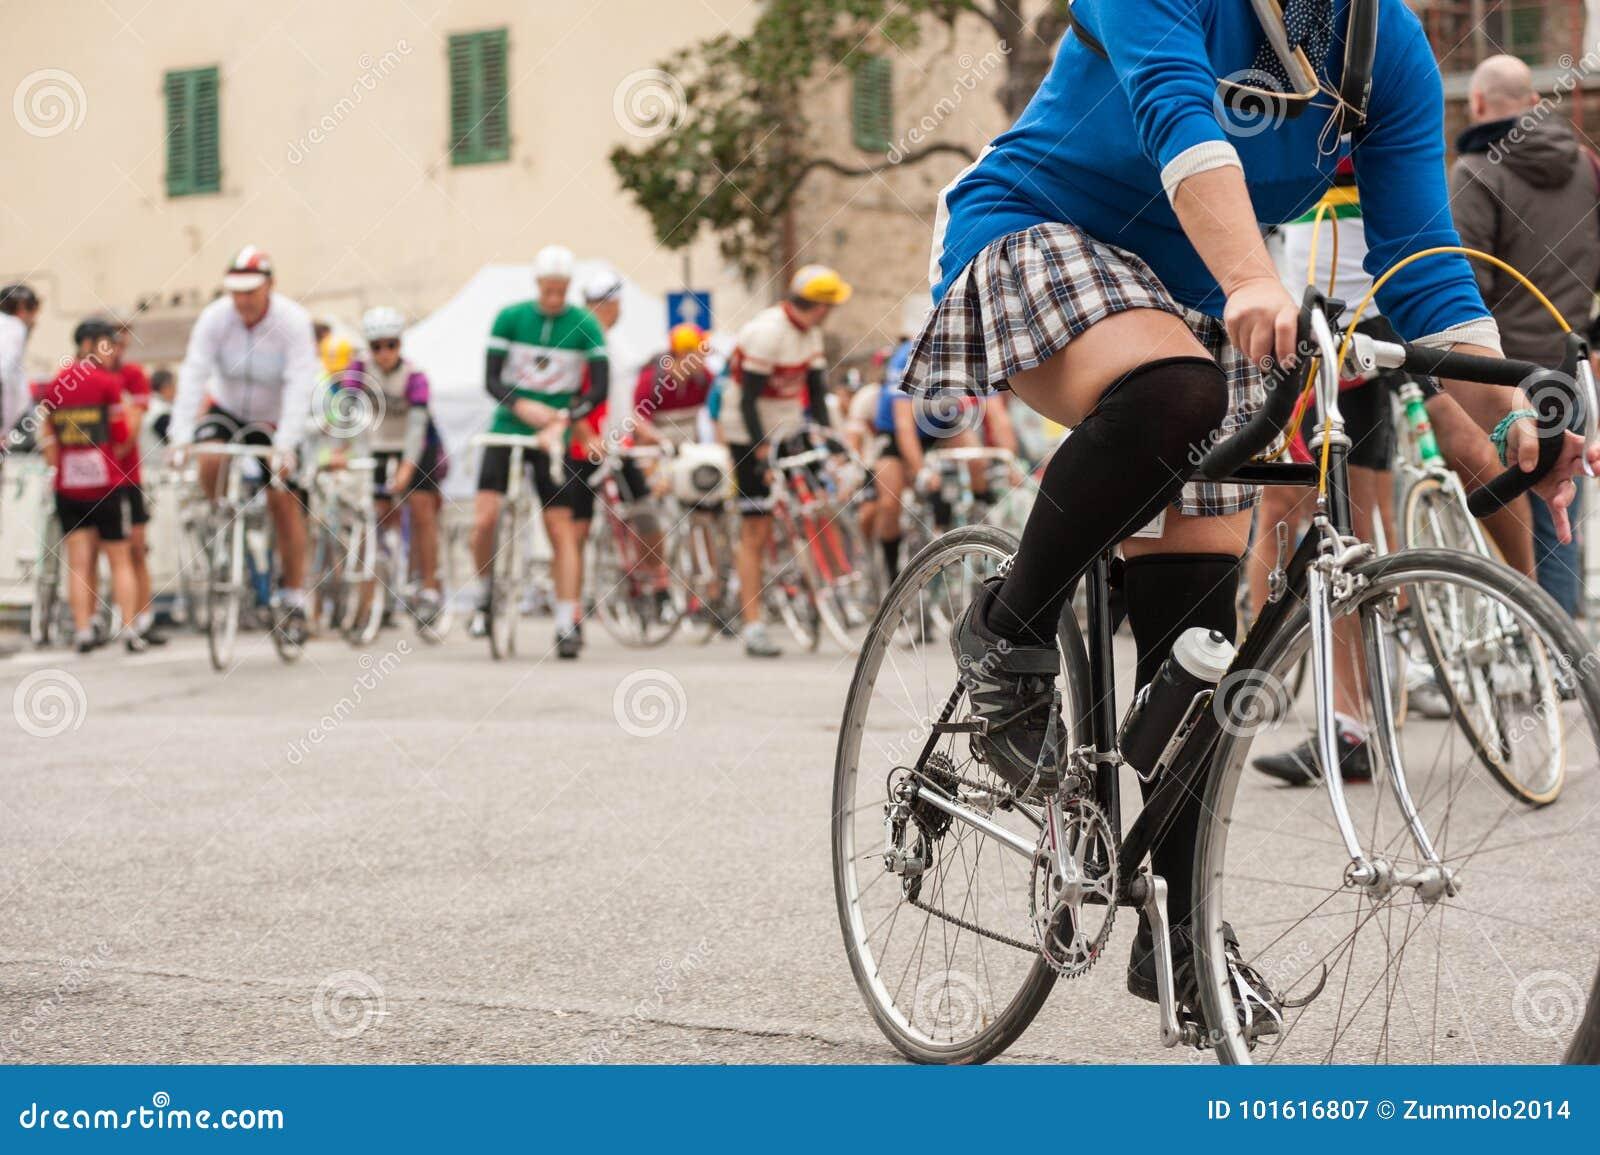 Dem auf fahrrad minirock im Unten ohne